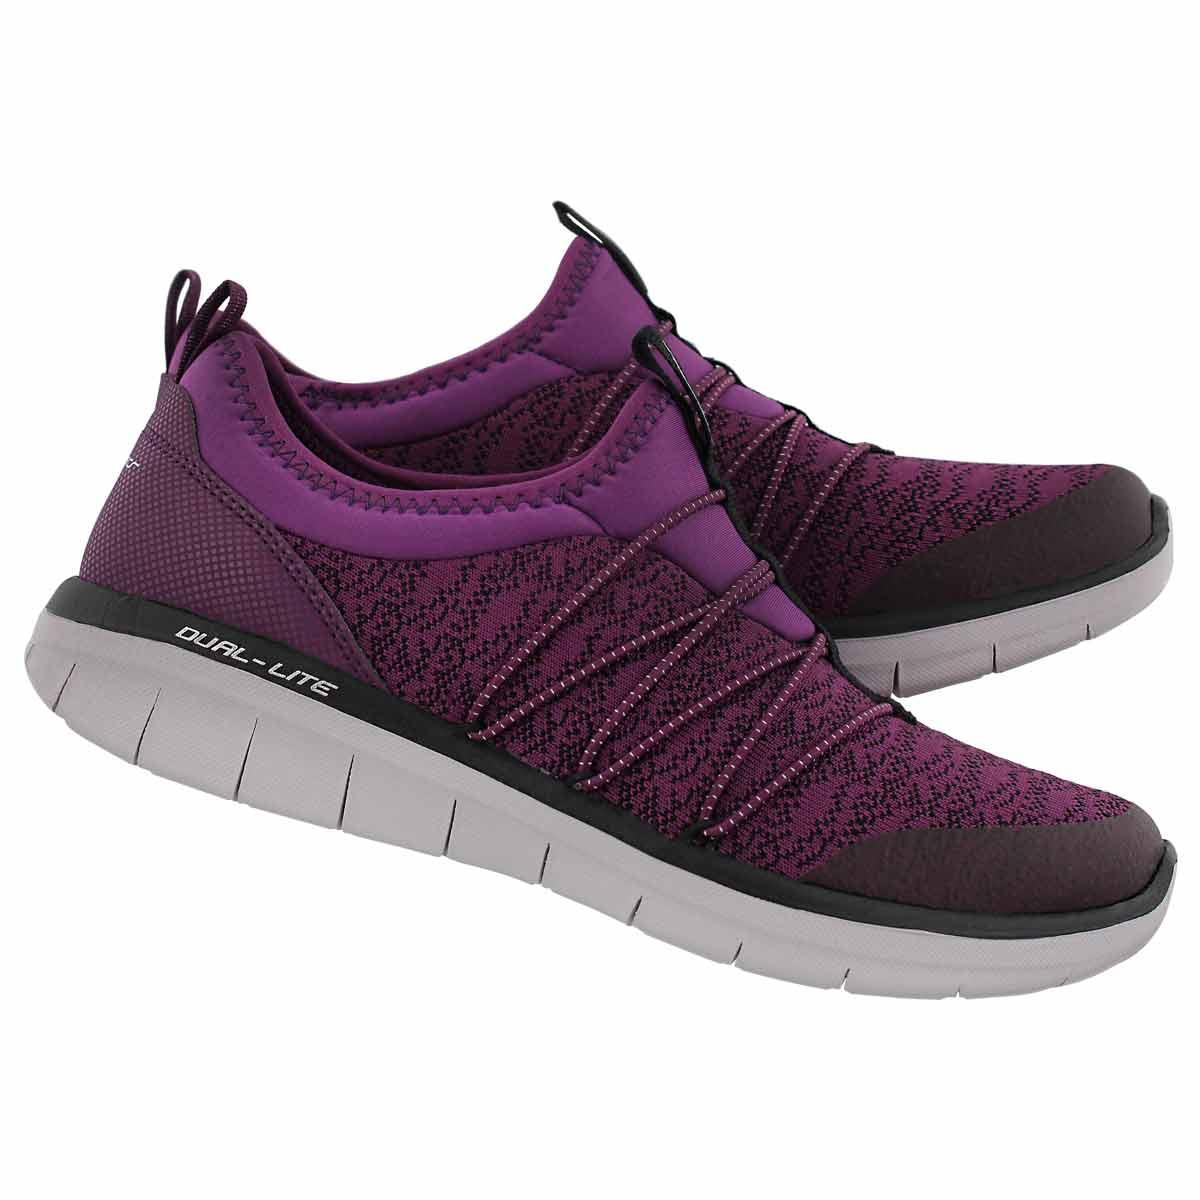 Lds Synergy 2.0 ppl/blk slip on sneaker